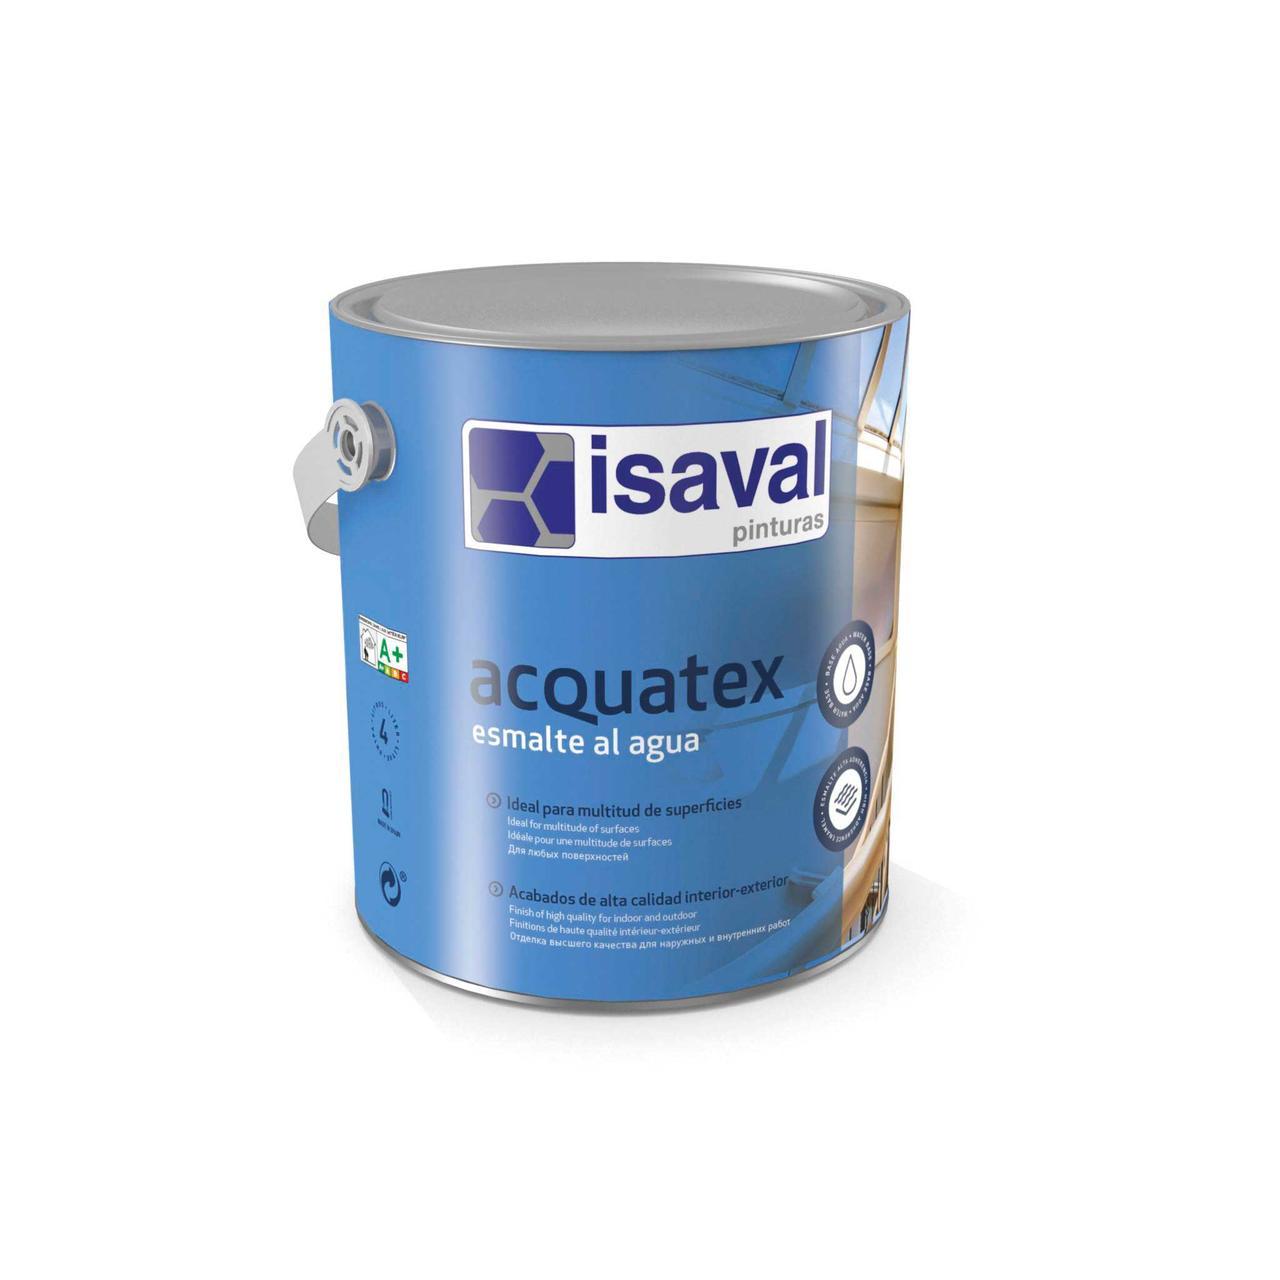 Акриловая эмаль на водной основе белая, матовая или глянцевая, Акватекс ISAVAL 0,75л